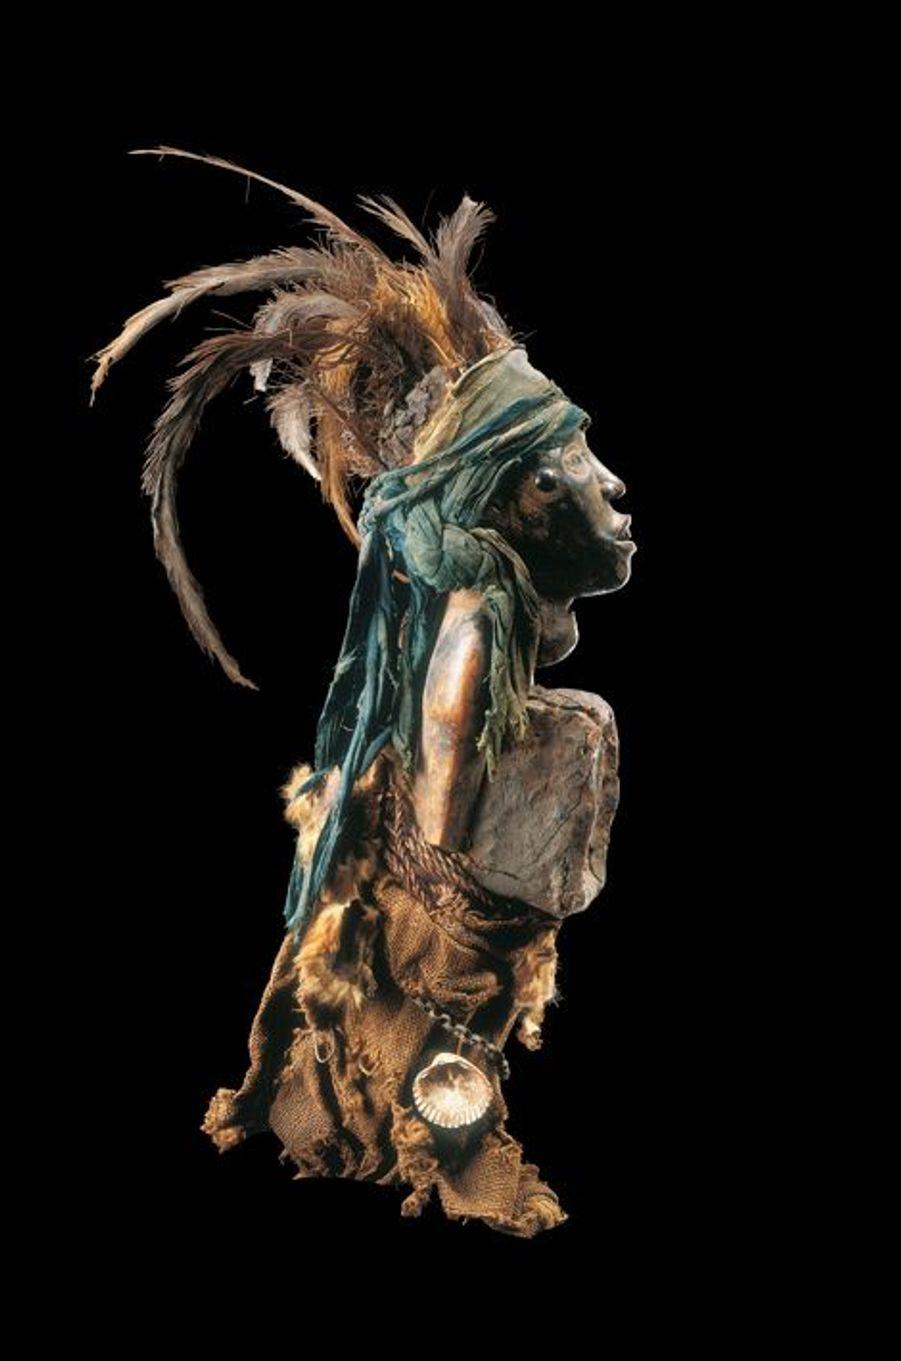 Statuette nkisi - Kongo (République Démocratique du Congo)